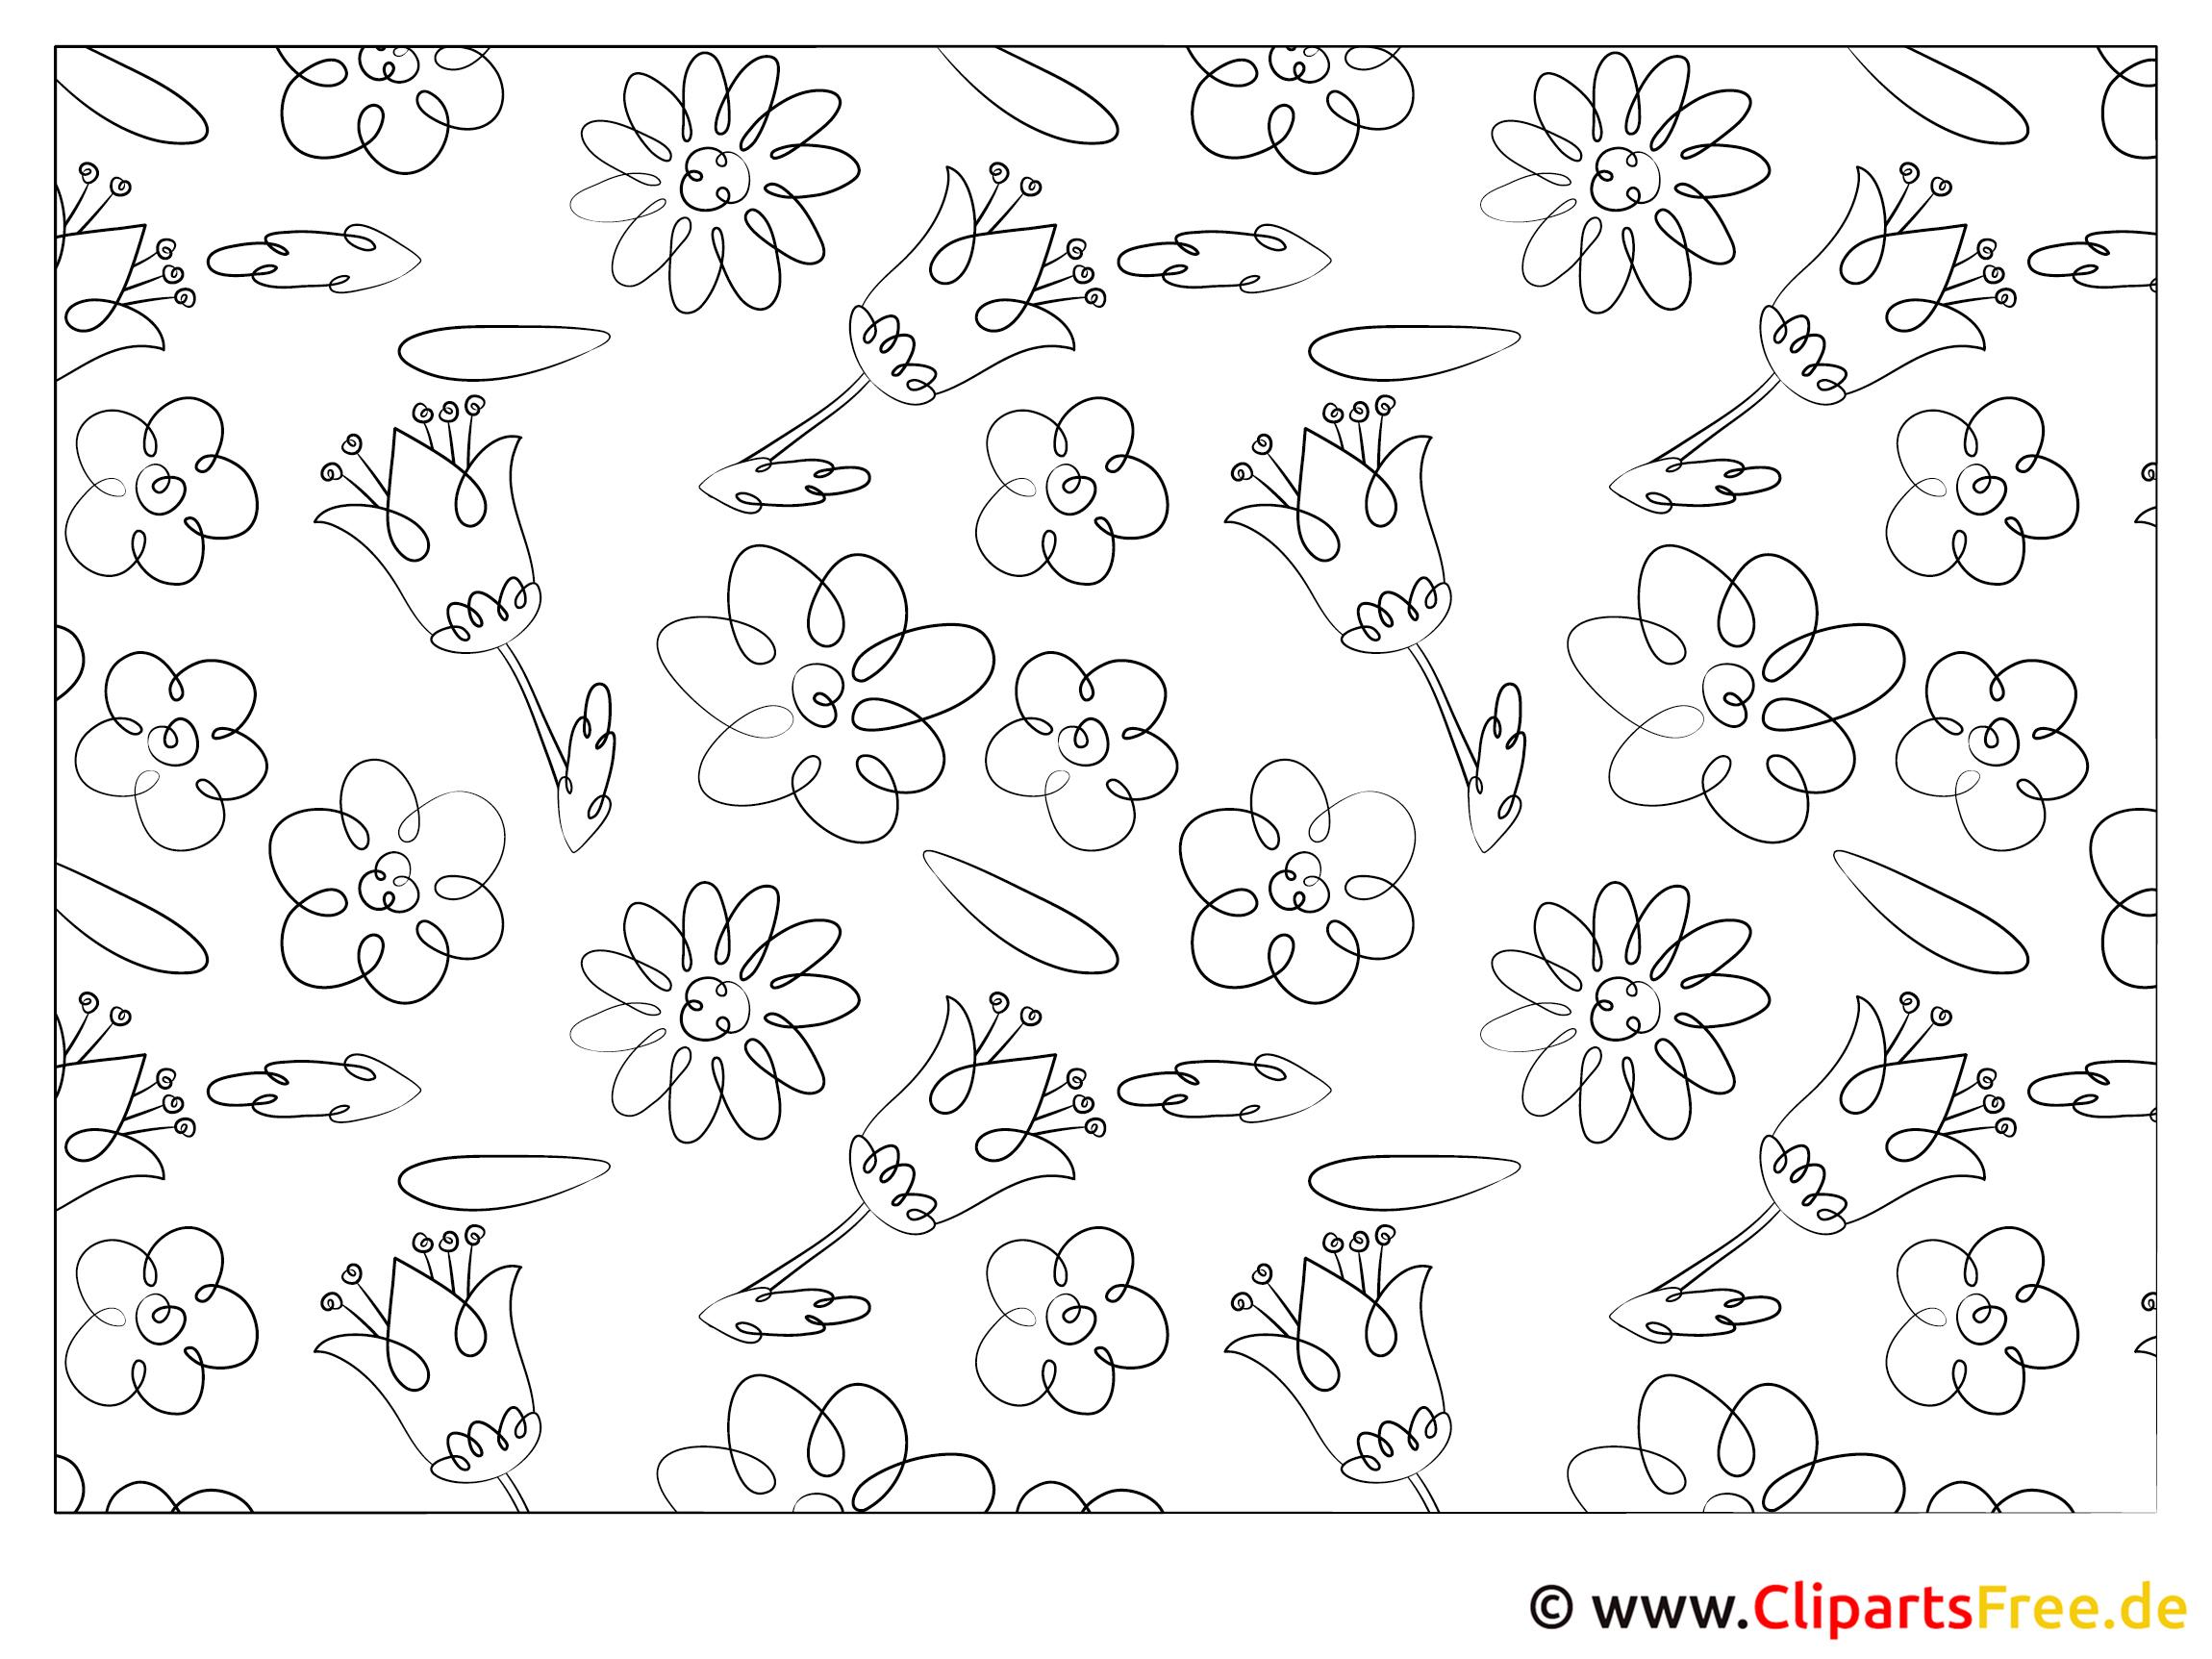 Blumen Ausmalbilder Ausdrucken